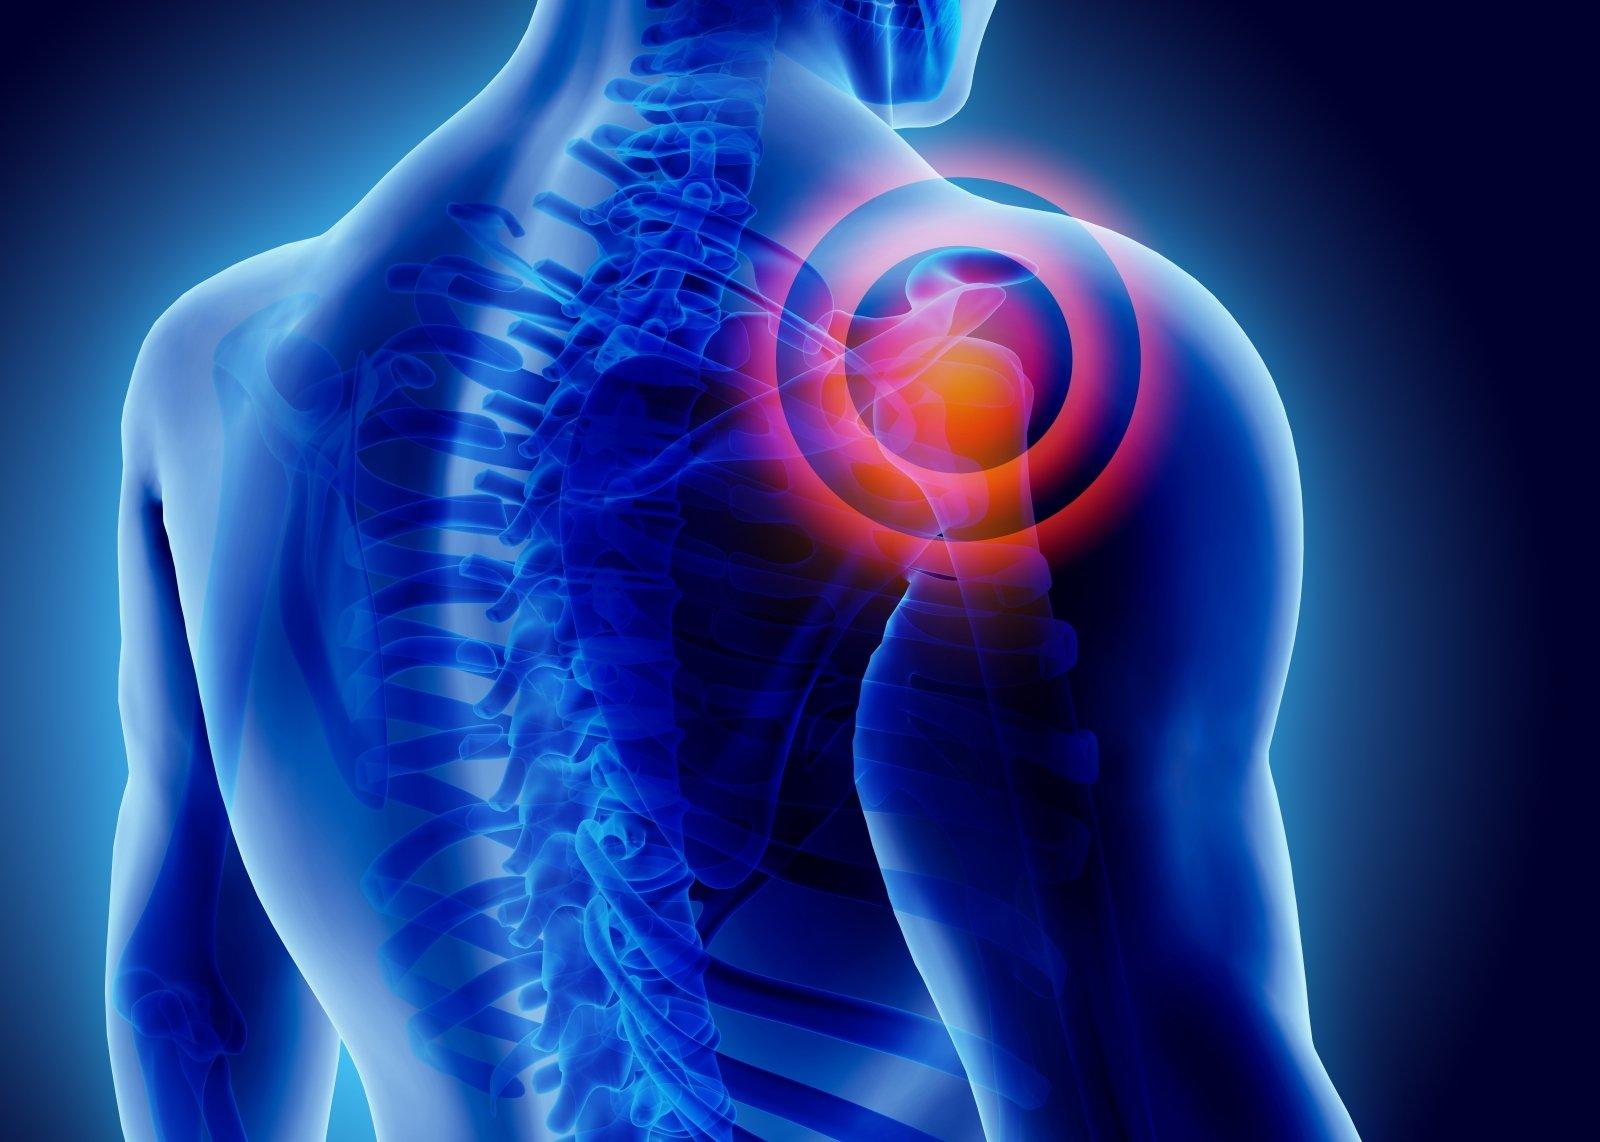 skausmas peties sąnarių raumenų skauda nykščio sąnarių vaikštant